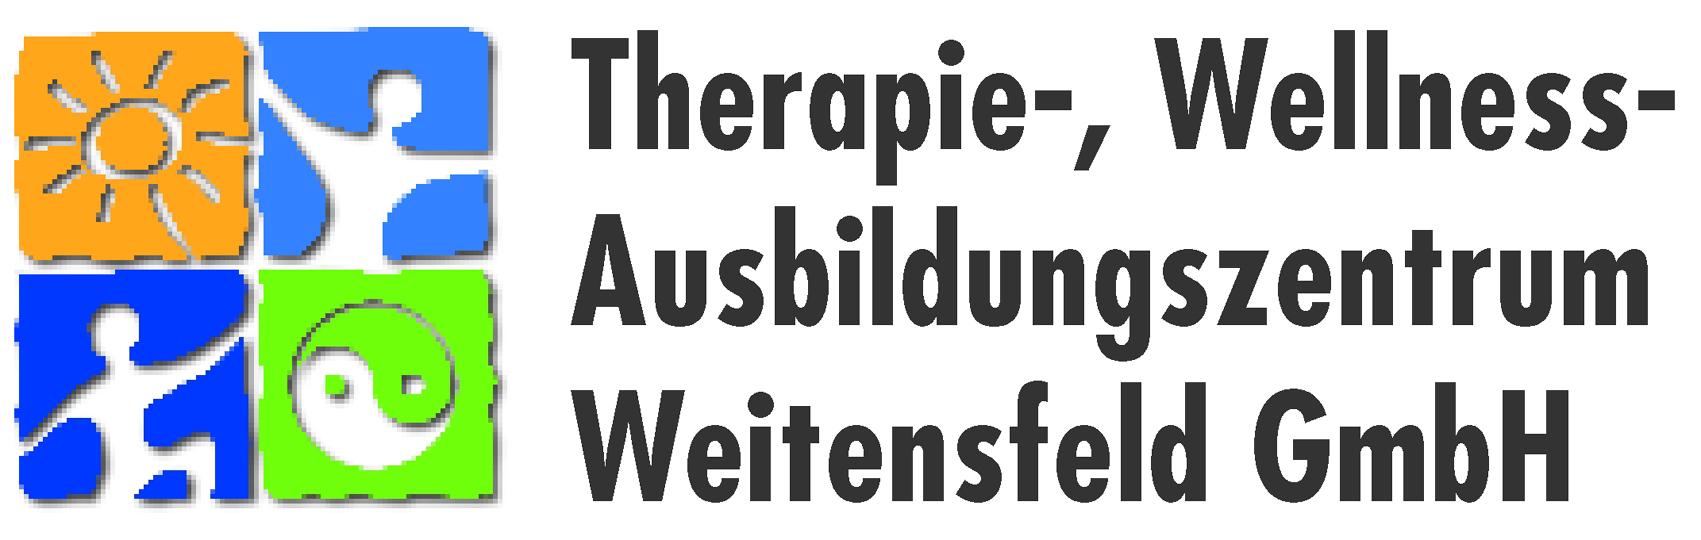 TWA-Weitensfeld